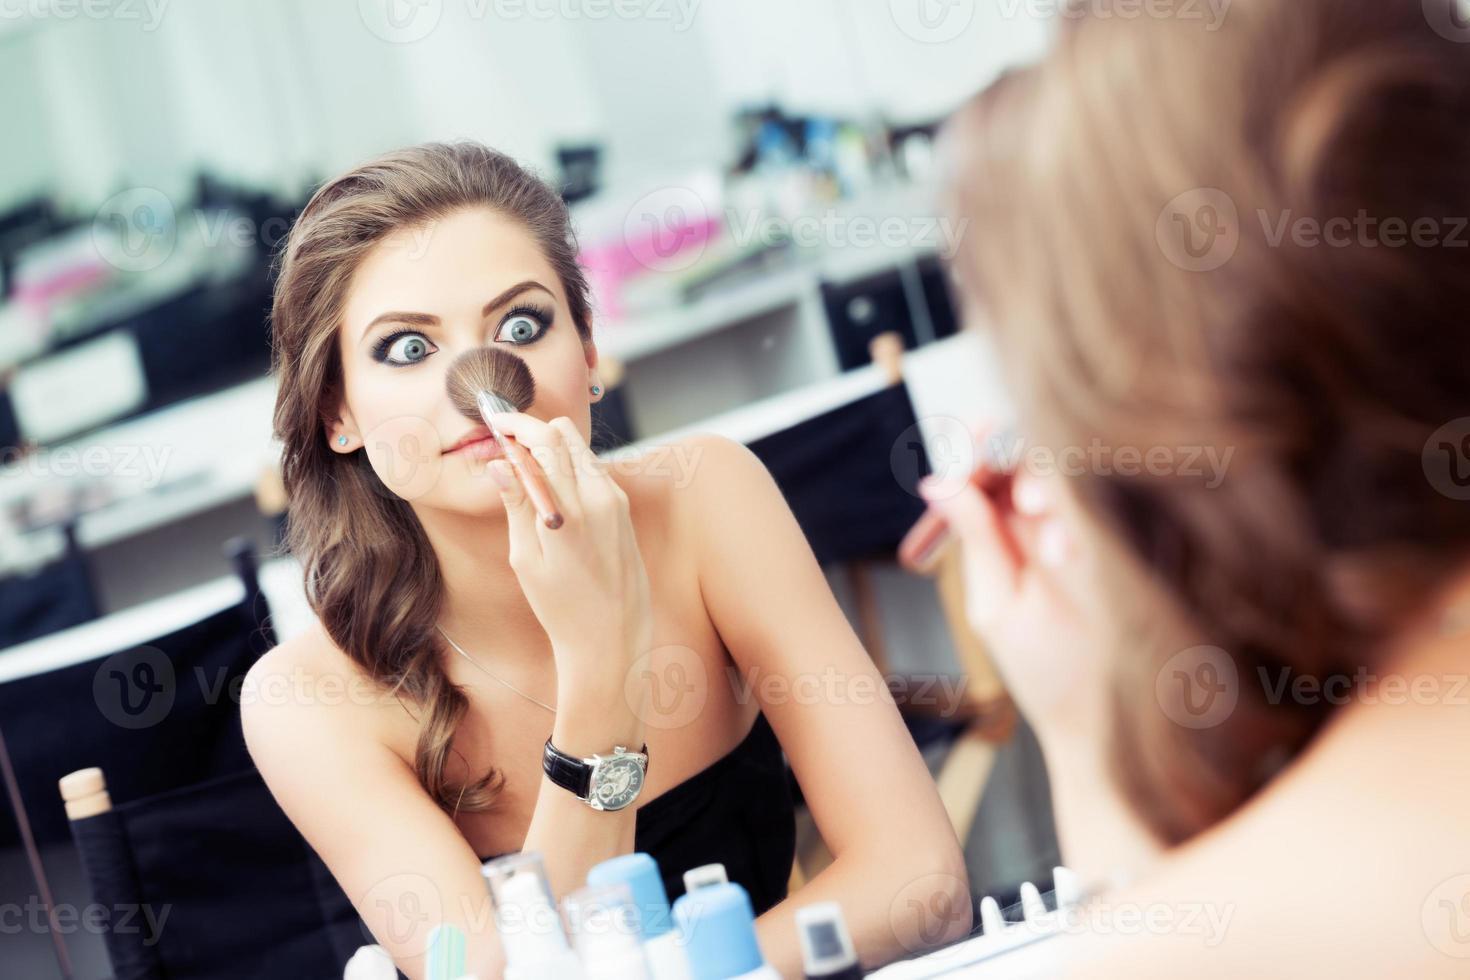 mujer bromeando frente a un espejo foto